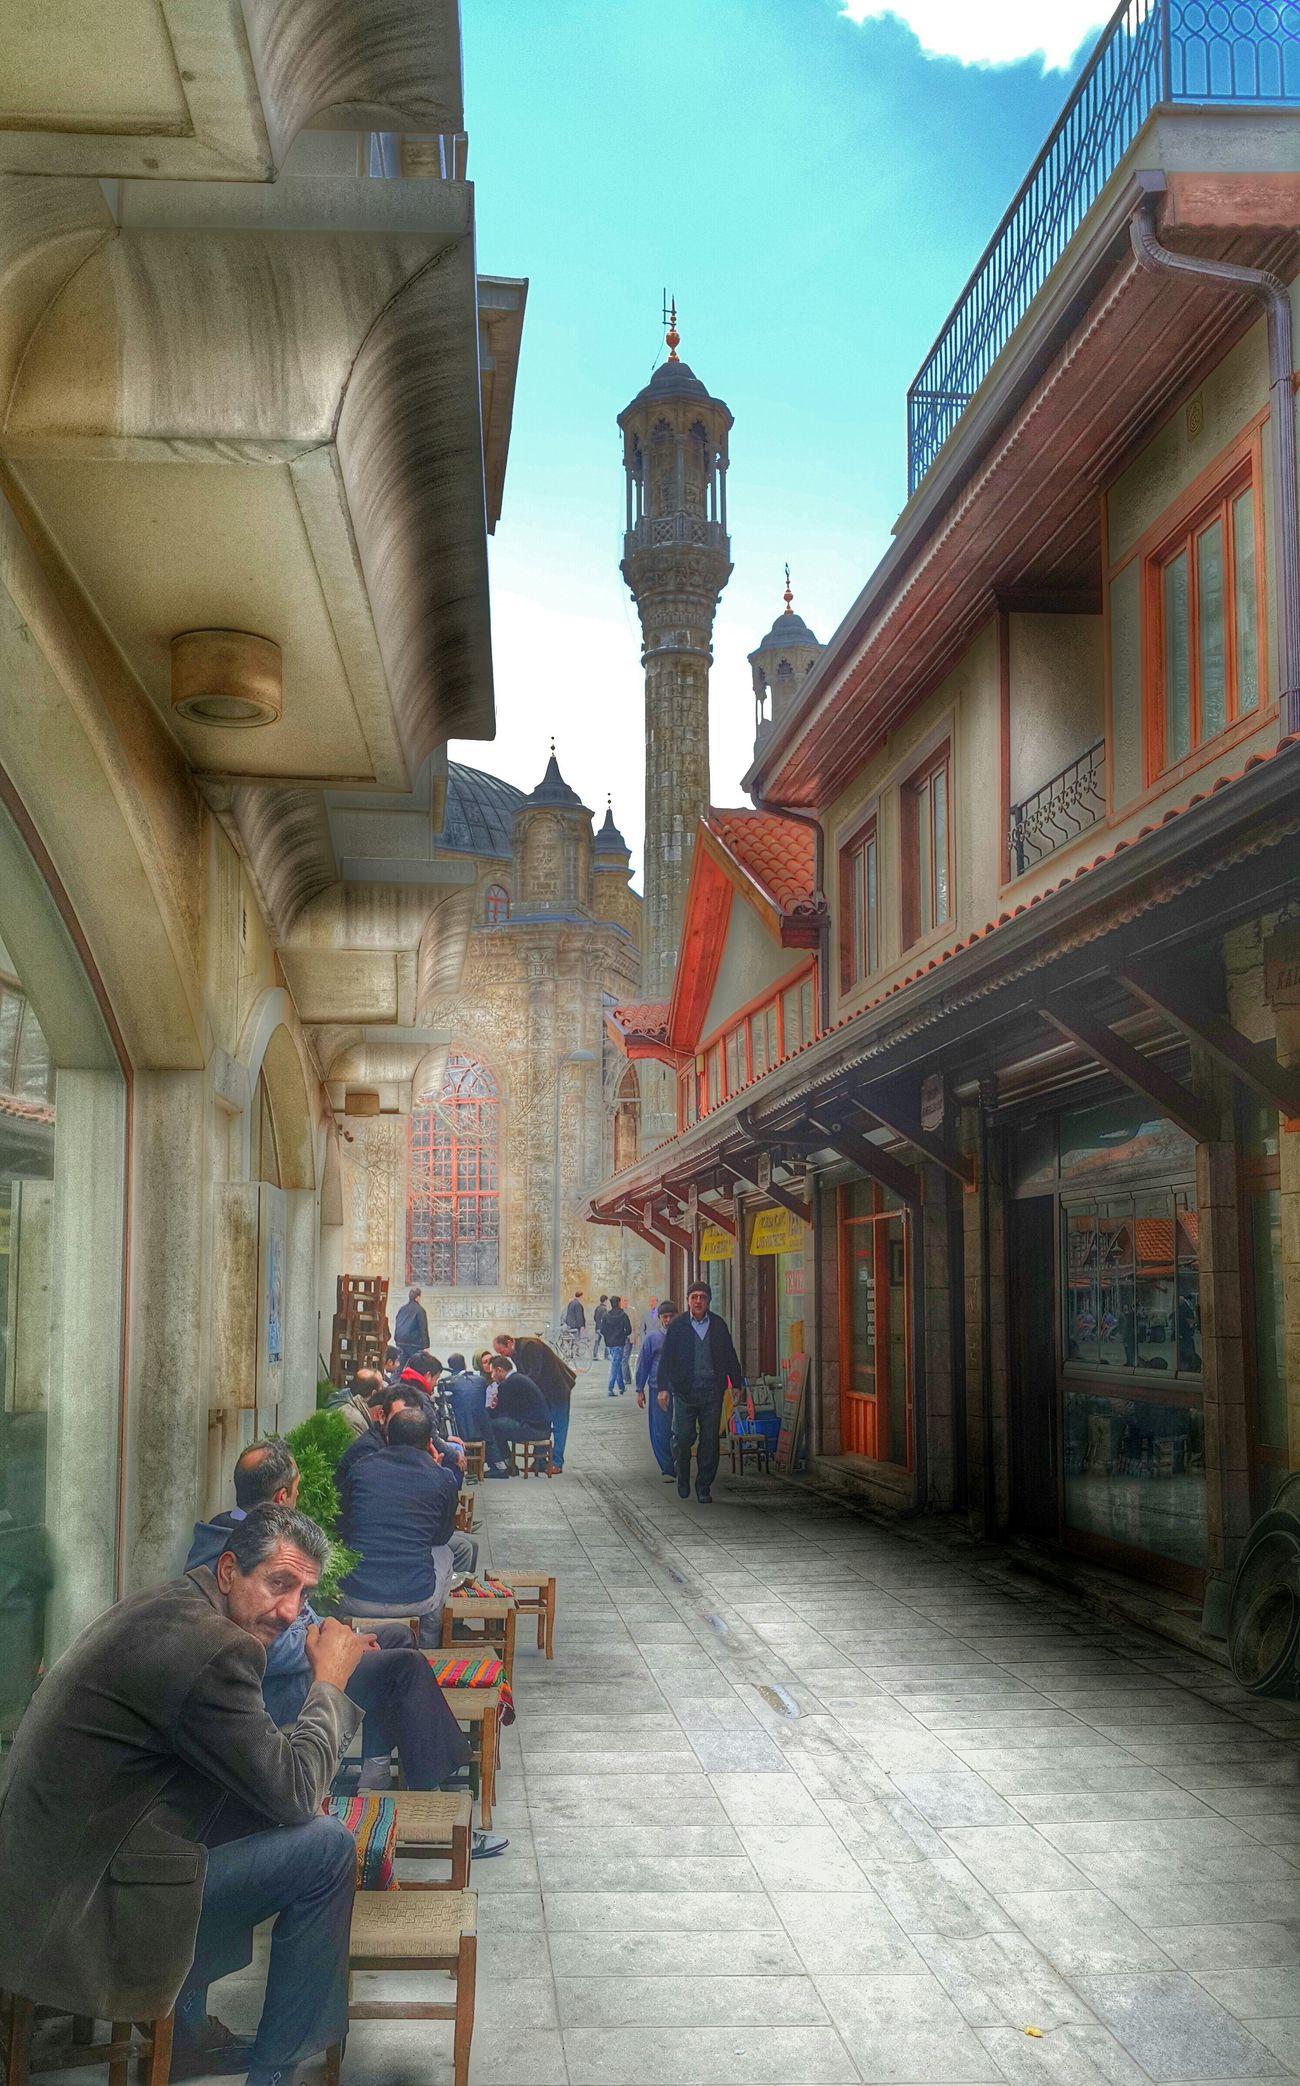 Tarihi bedesten çarşısından bir kare Konya Konyagram Konyainstagram